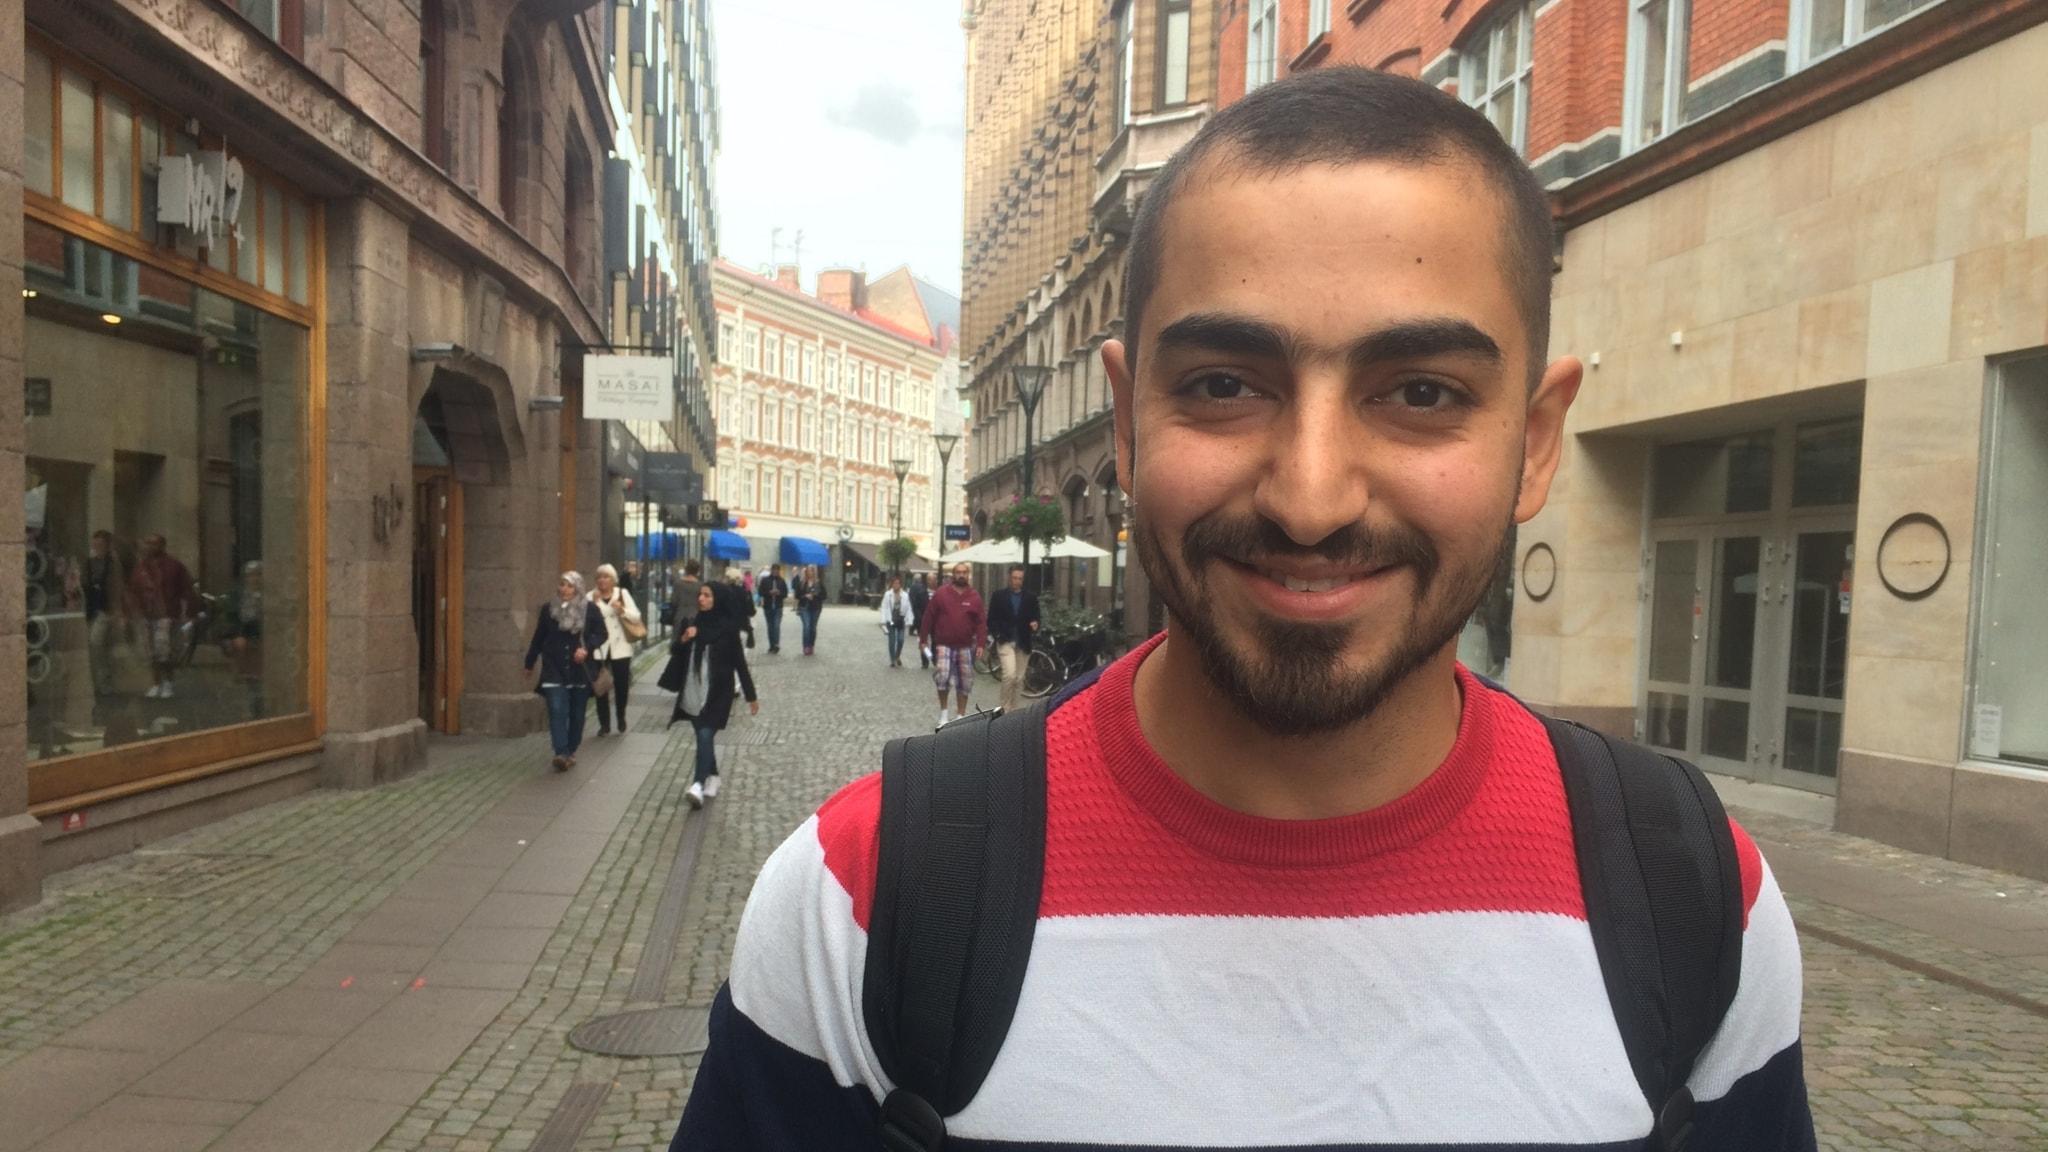 Sadeq al-Ghaffari del 1: Jag drömmer om att bo på ett rofyllt ställe.